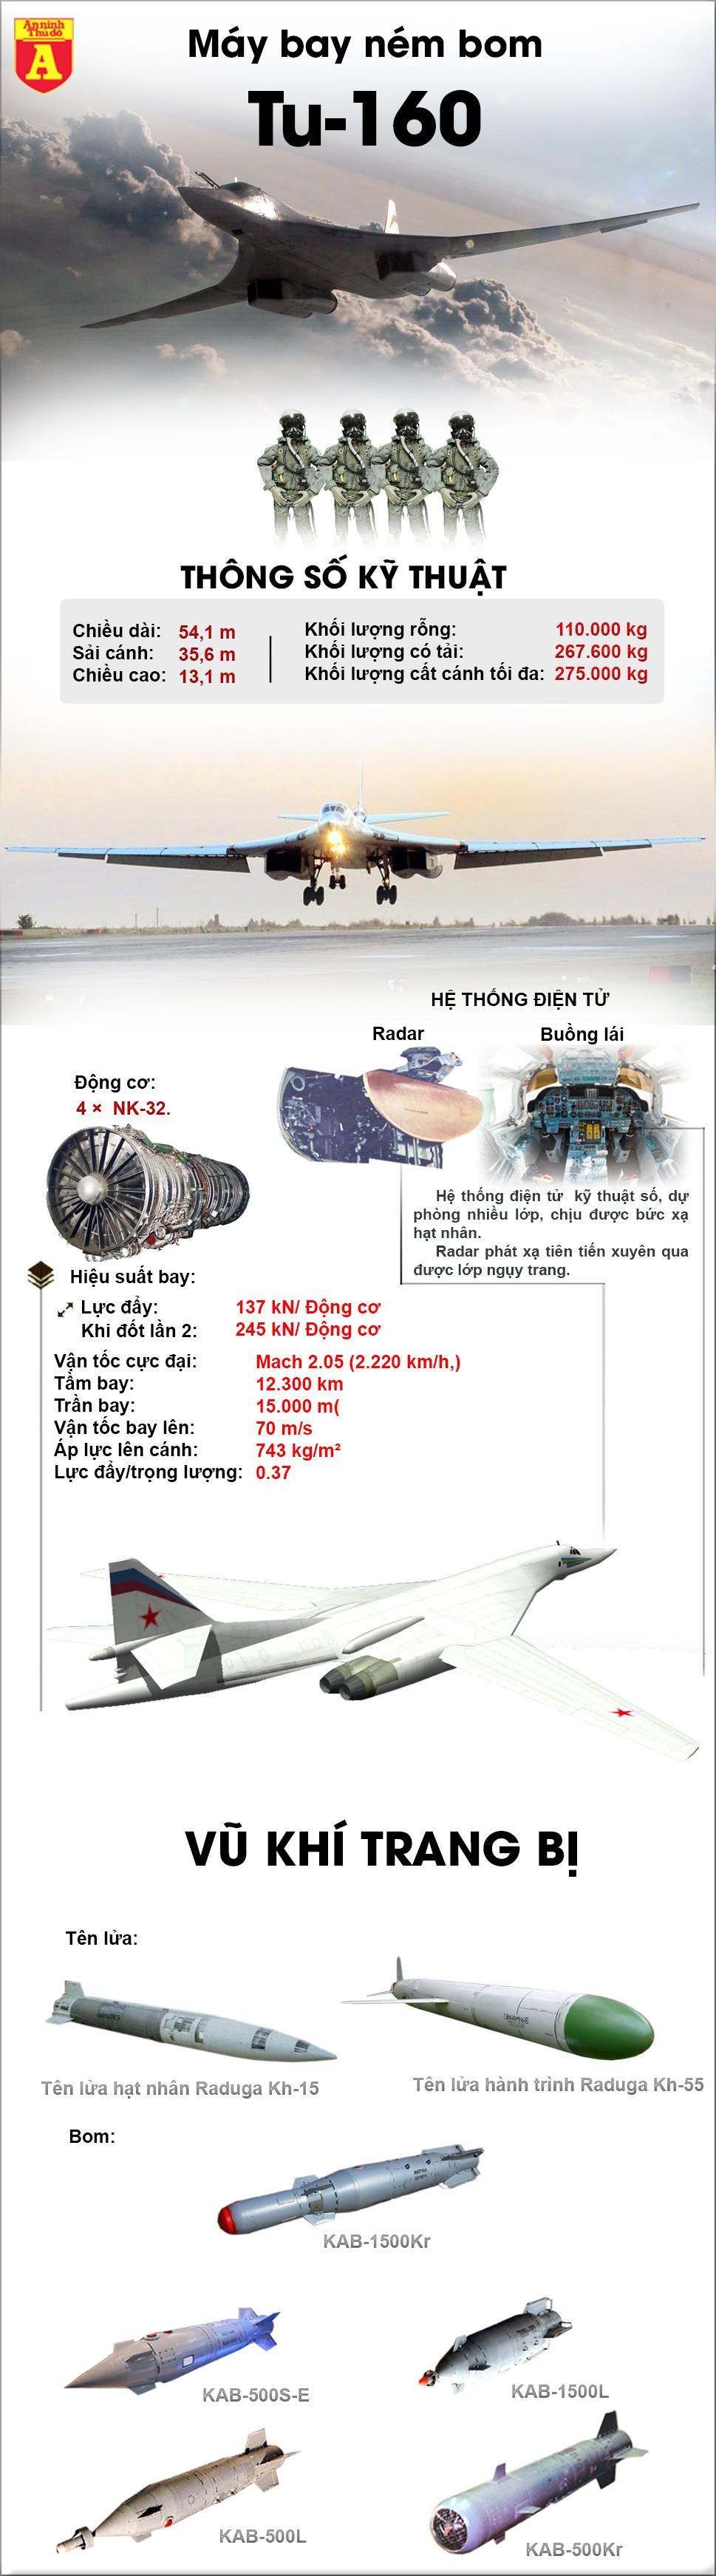 [ĐỒ HỌA] Thiên nga trắng hủy diệt Tu-160 tập trận sát nách Mỹ, thông điệp rắn của Nga? ảnh 3